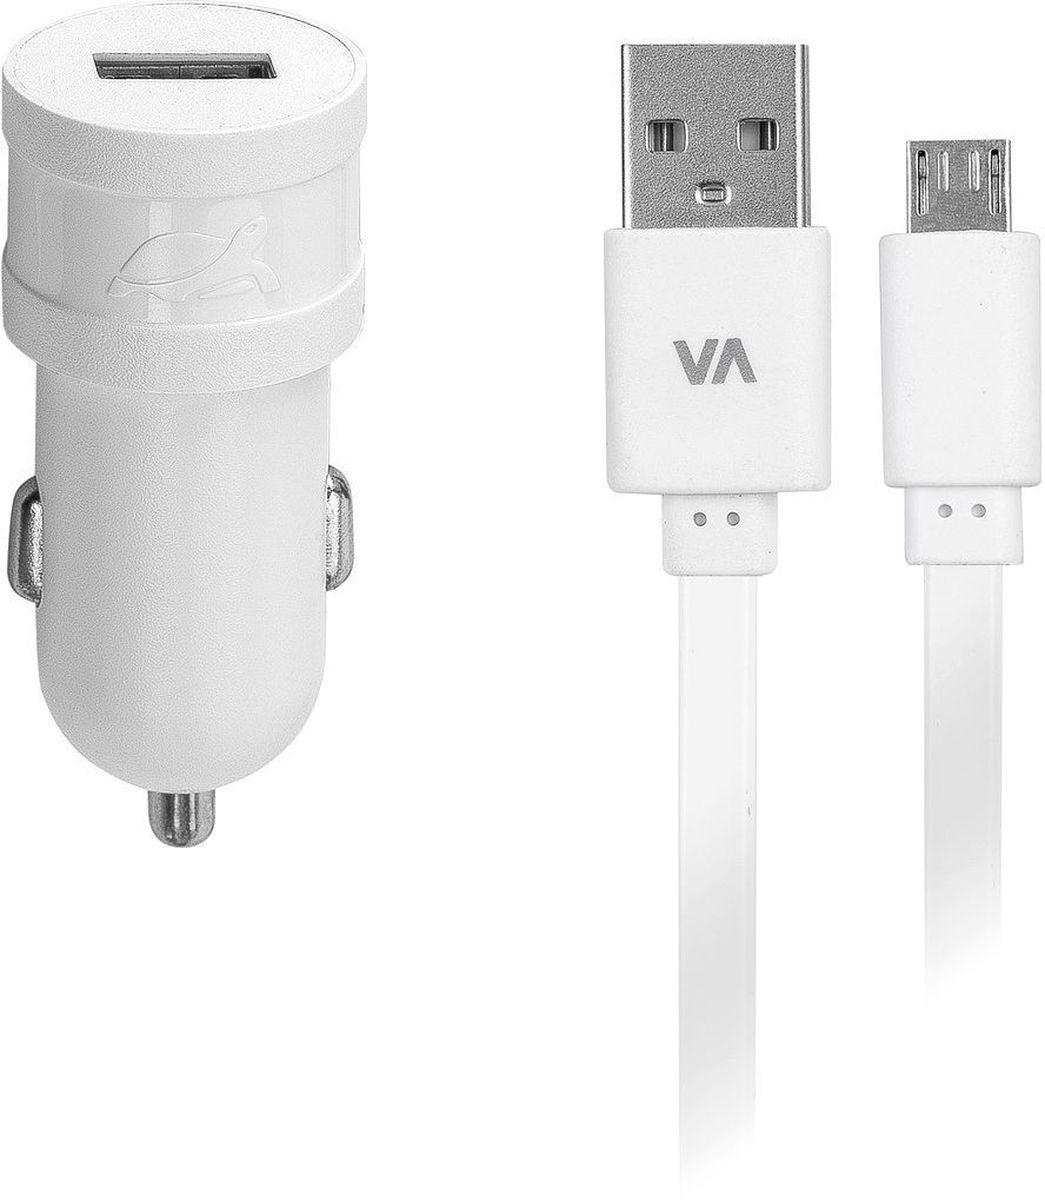 Rivapower VA4211 WD1, White автомобильное зарядное устройствоVA4211 WD1Универсальное автомобильное зарядное устройство Rivapower VA4211 BD1 совместимо со всеми устройствами, использующими USB порт для зарядки своих аккумуляторов. Высококачественные компоненты, встроенные фильтры, защита от скачков напряжения, защита от перегрузки, перегрева и короткого замыкания делают процесс зарядки быстрым, эффективным и безопасным. Корпус сделан из негорючего пластика, устойчивого к механическим повреждениям.Ультра компактные размеры зарядного устройства позволяют использовать его даже в автомобилях с ограниченным пространством вокруг автомобильного разъема электропитания. В комплект входит дата-кабель microUSB длиной 1 метр.